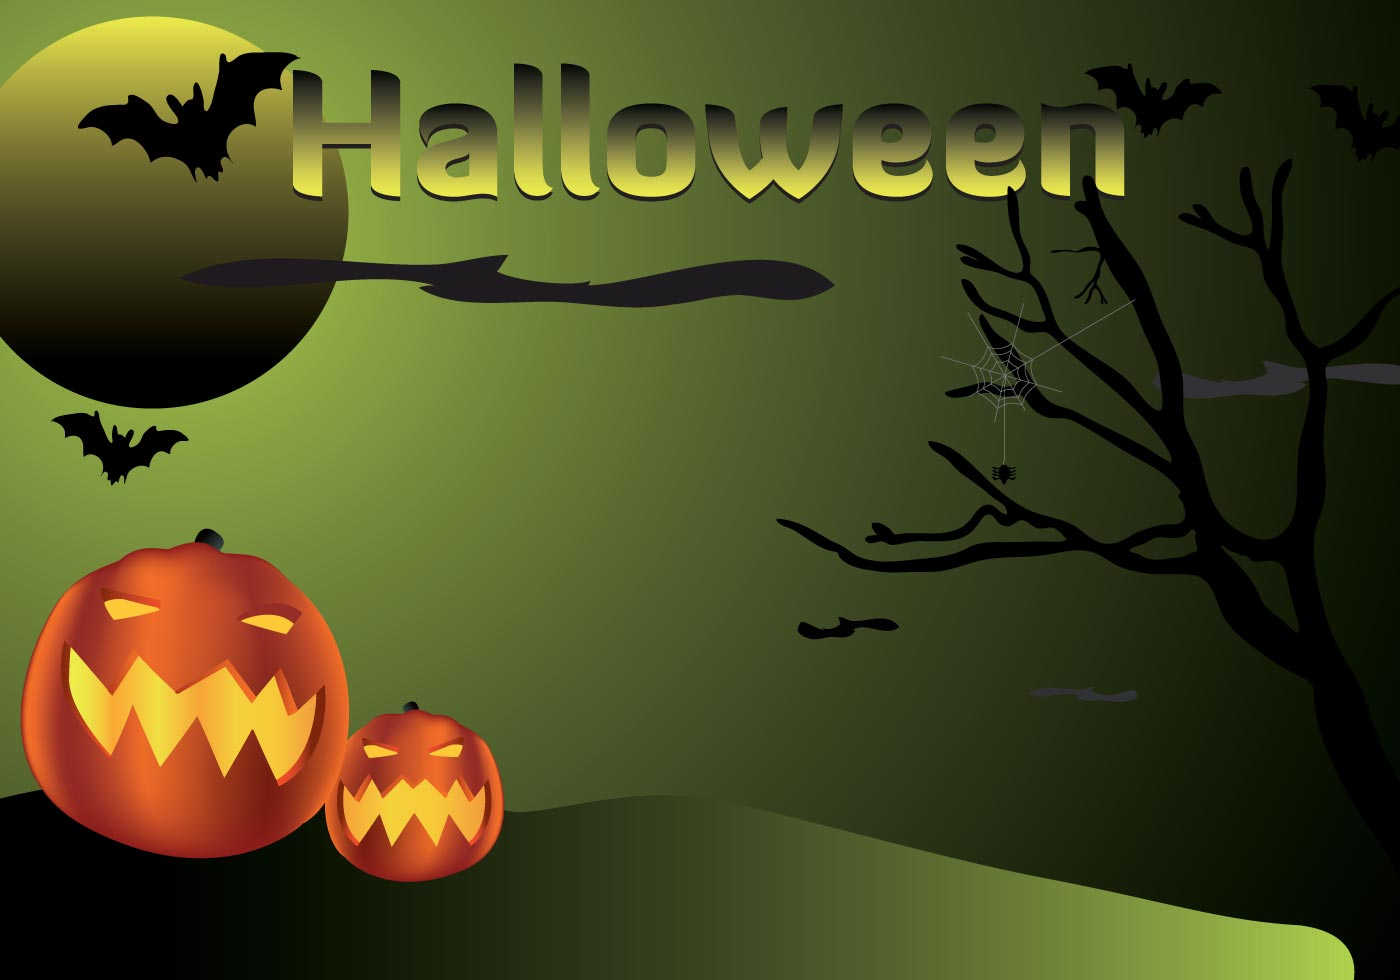 halloween pumpkins in the night download free vector